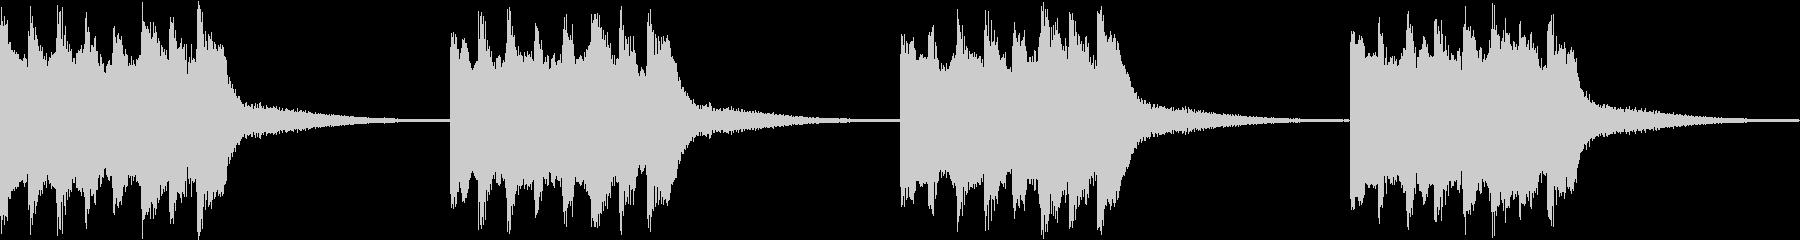 シンプル ベル 着信音 チャイム B11の未再生の波形